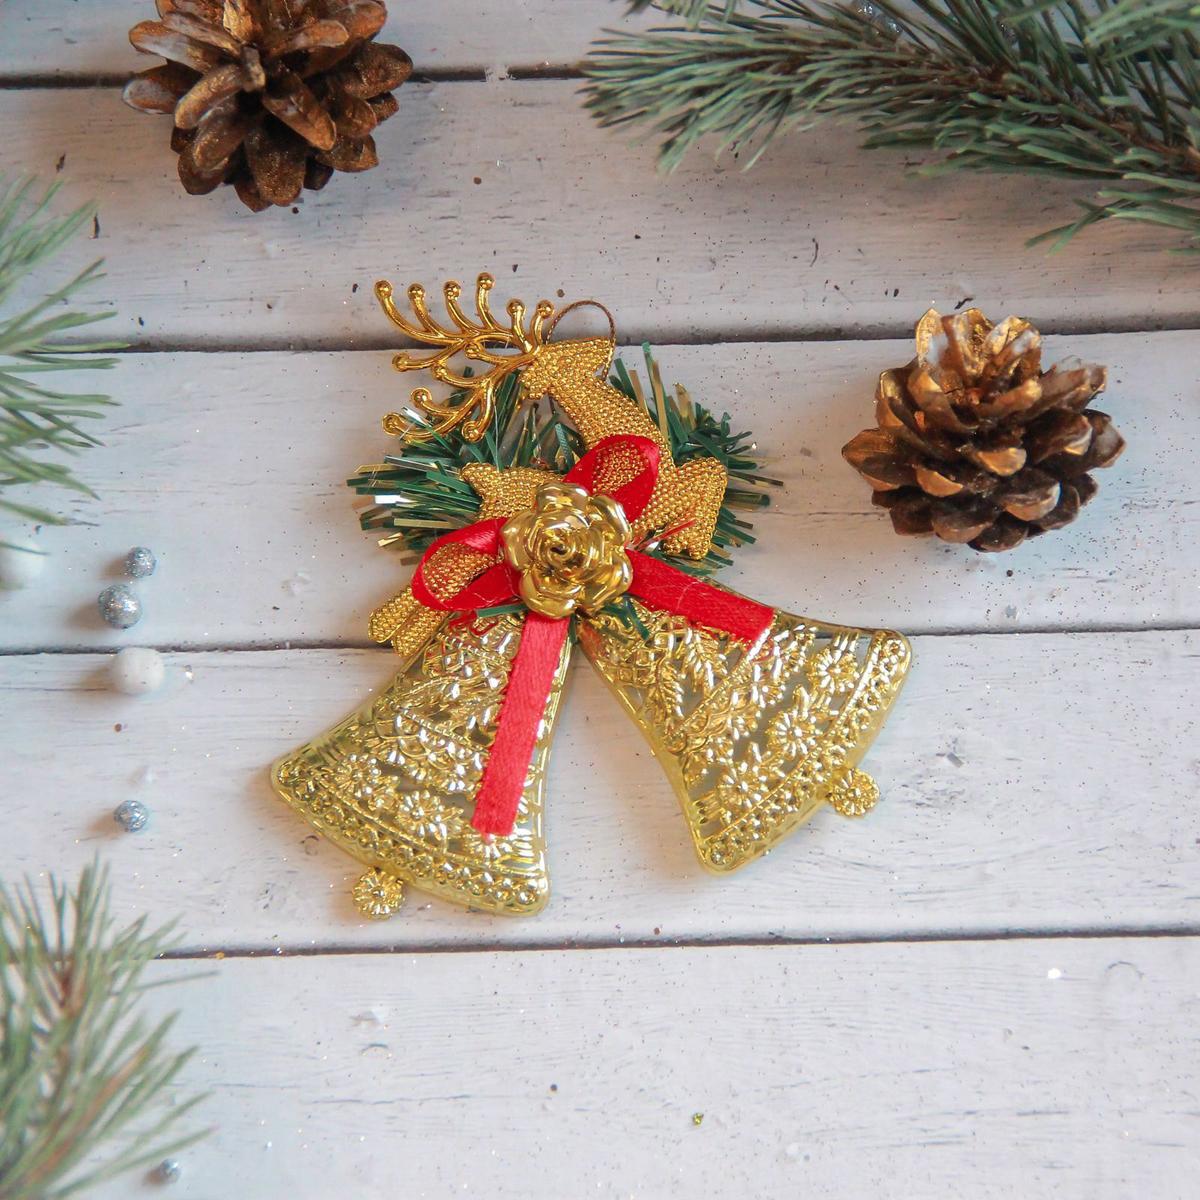 Украшение новогоднее елочное Sima-land Колокольчики резные, с оленем, 10 х 9 см2371283Невозможно представить нашу жизнь без праздников! Мы всегда ждём их и предвкушаем, обдумываем, как проведём памятный день, тщательно выбираем подарки и аксессуары, ведь именно они создают и поддерживают торжественный настрой.